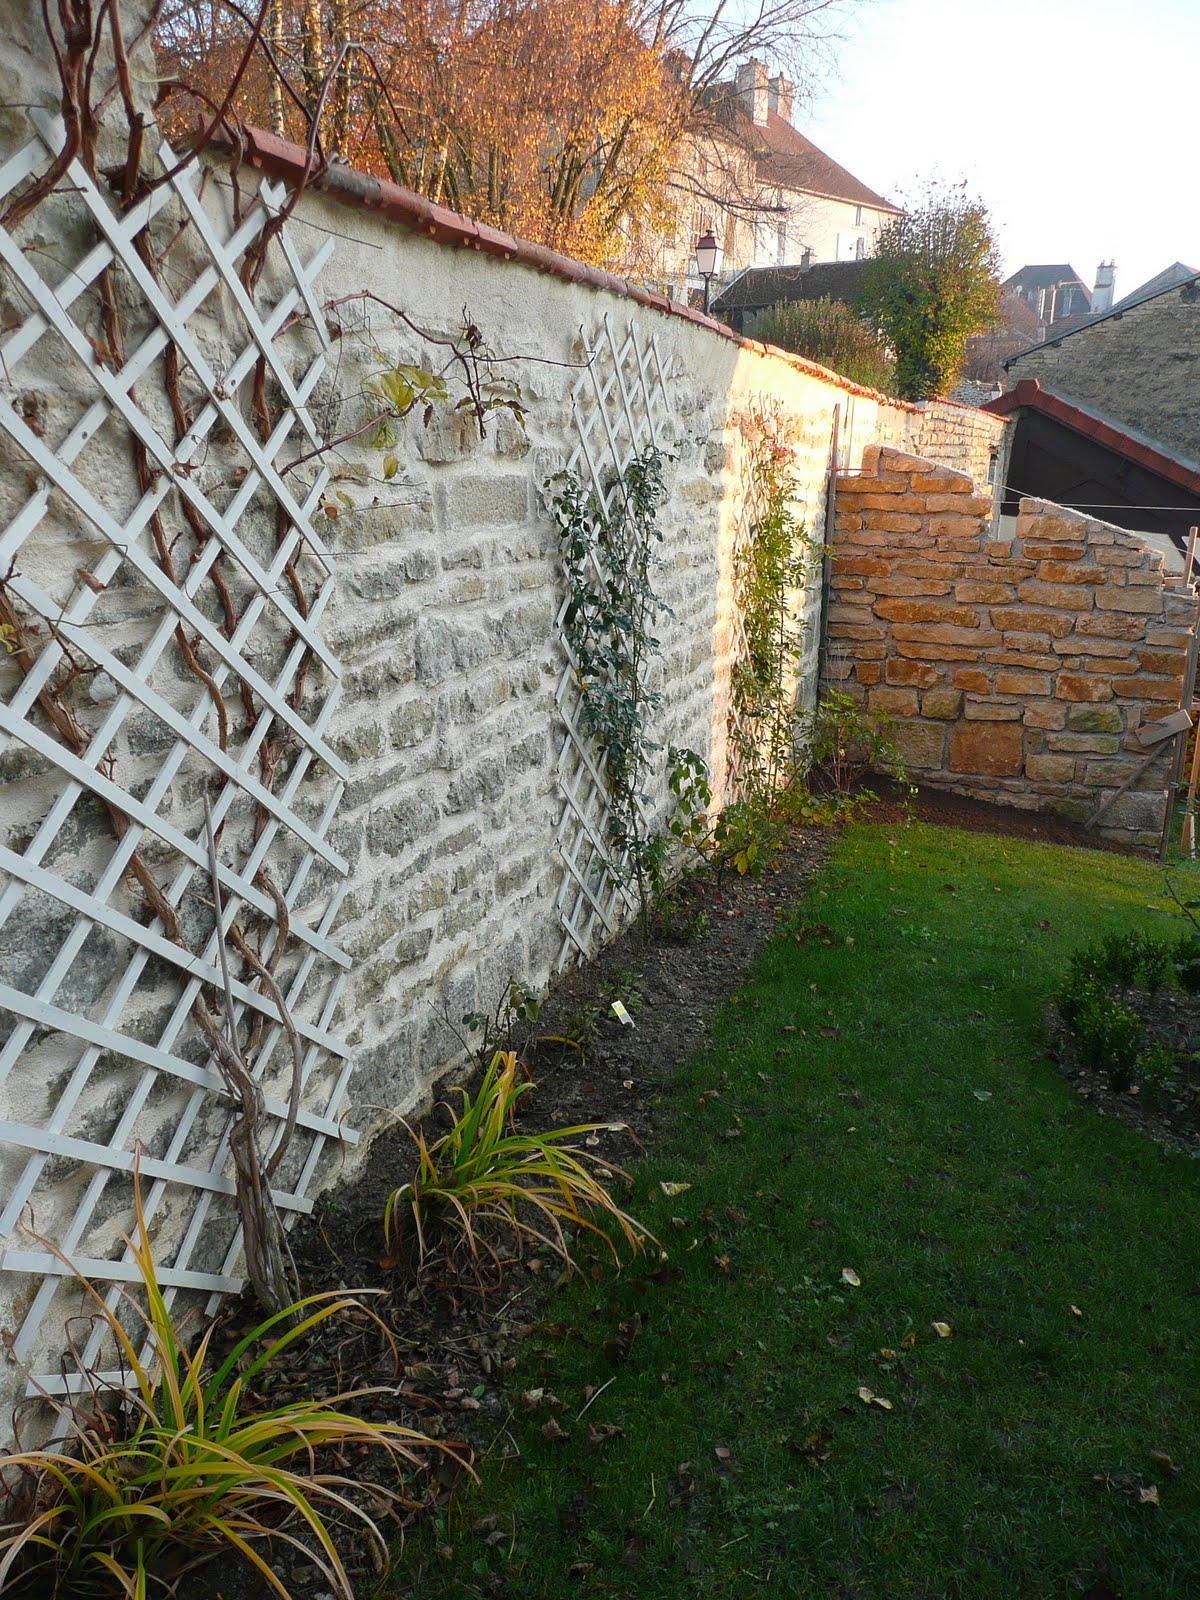 Notre jardin secret j 39 ai pas attendu la sainte catherine for Jardin secret 78